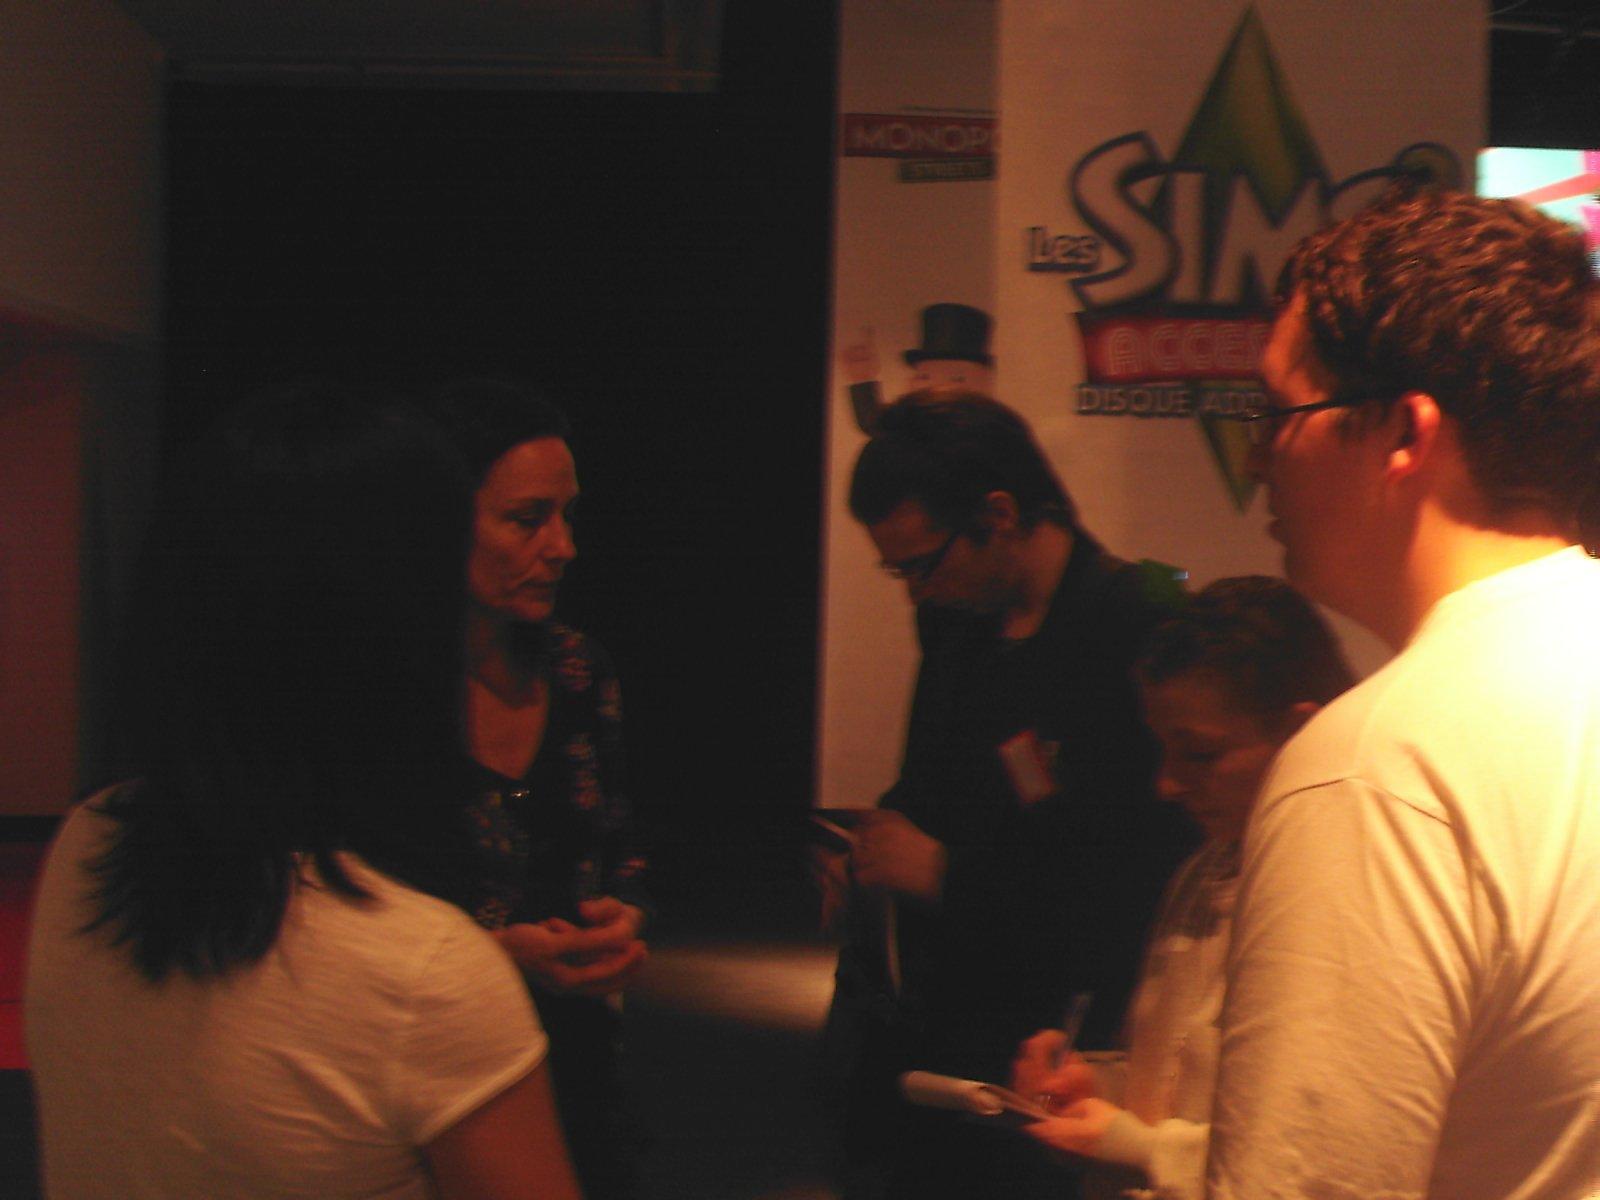 Évènement spécial : Melkior au fanday Sims 3 V.I.P. ! Accesv16